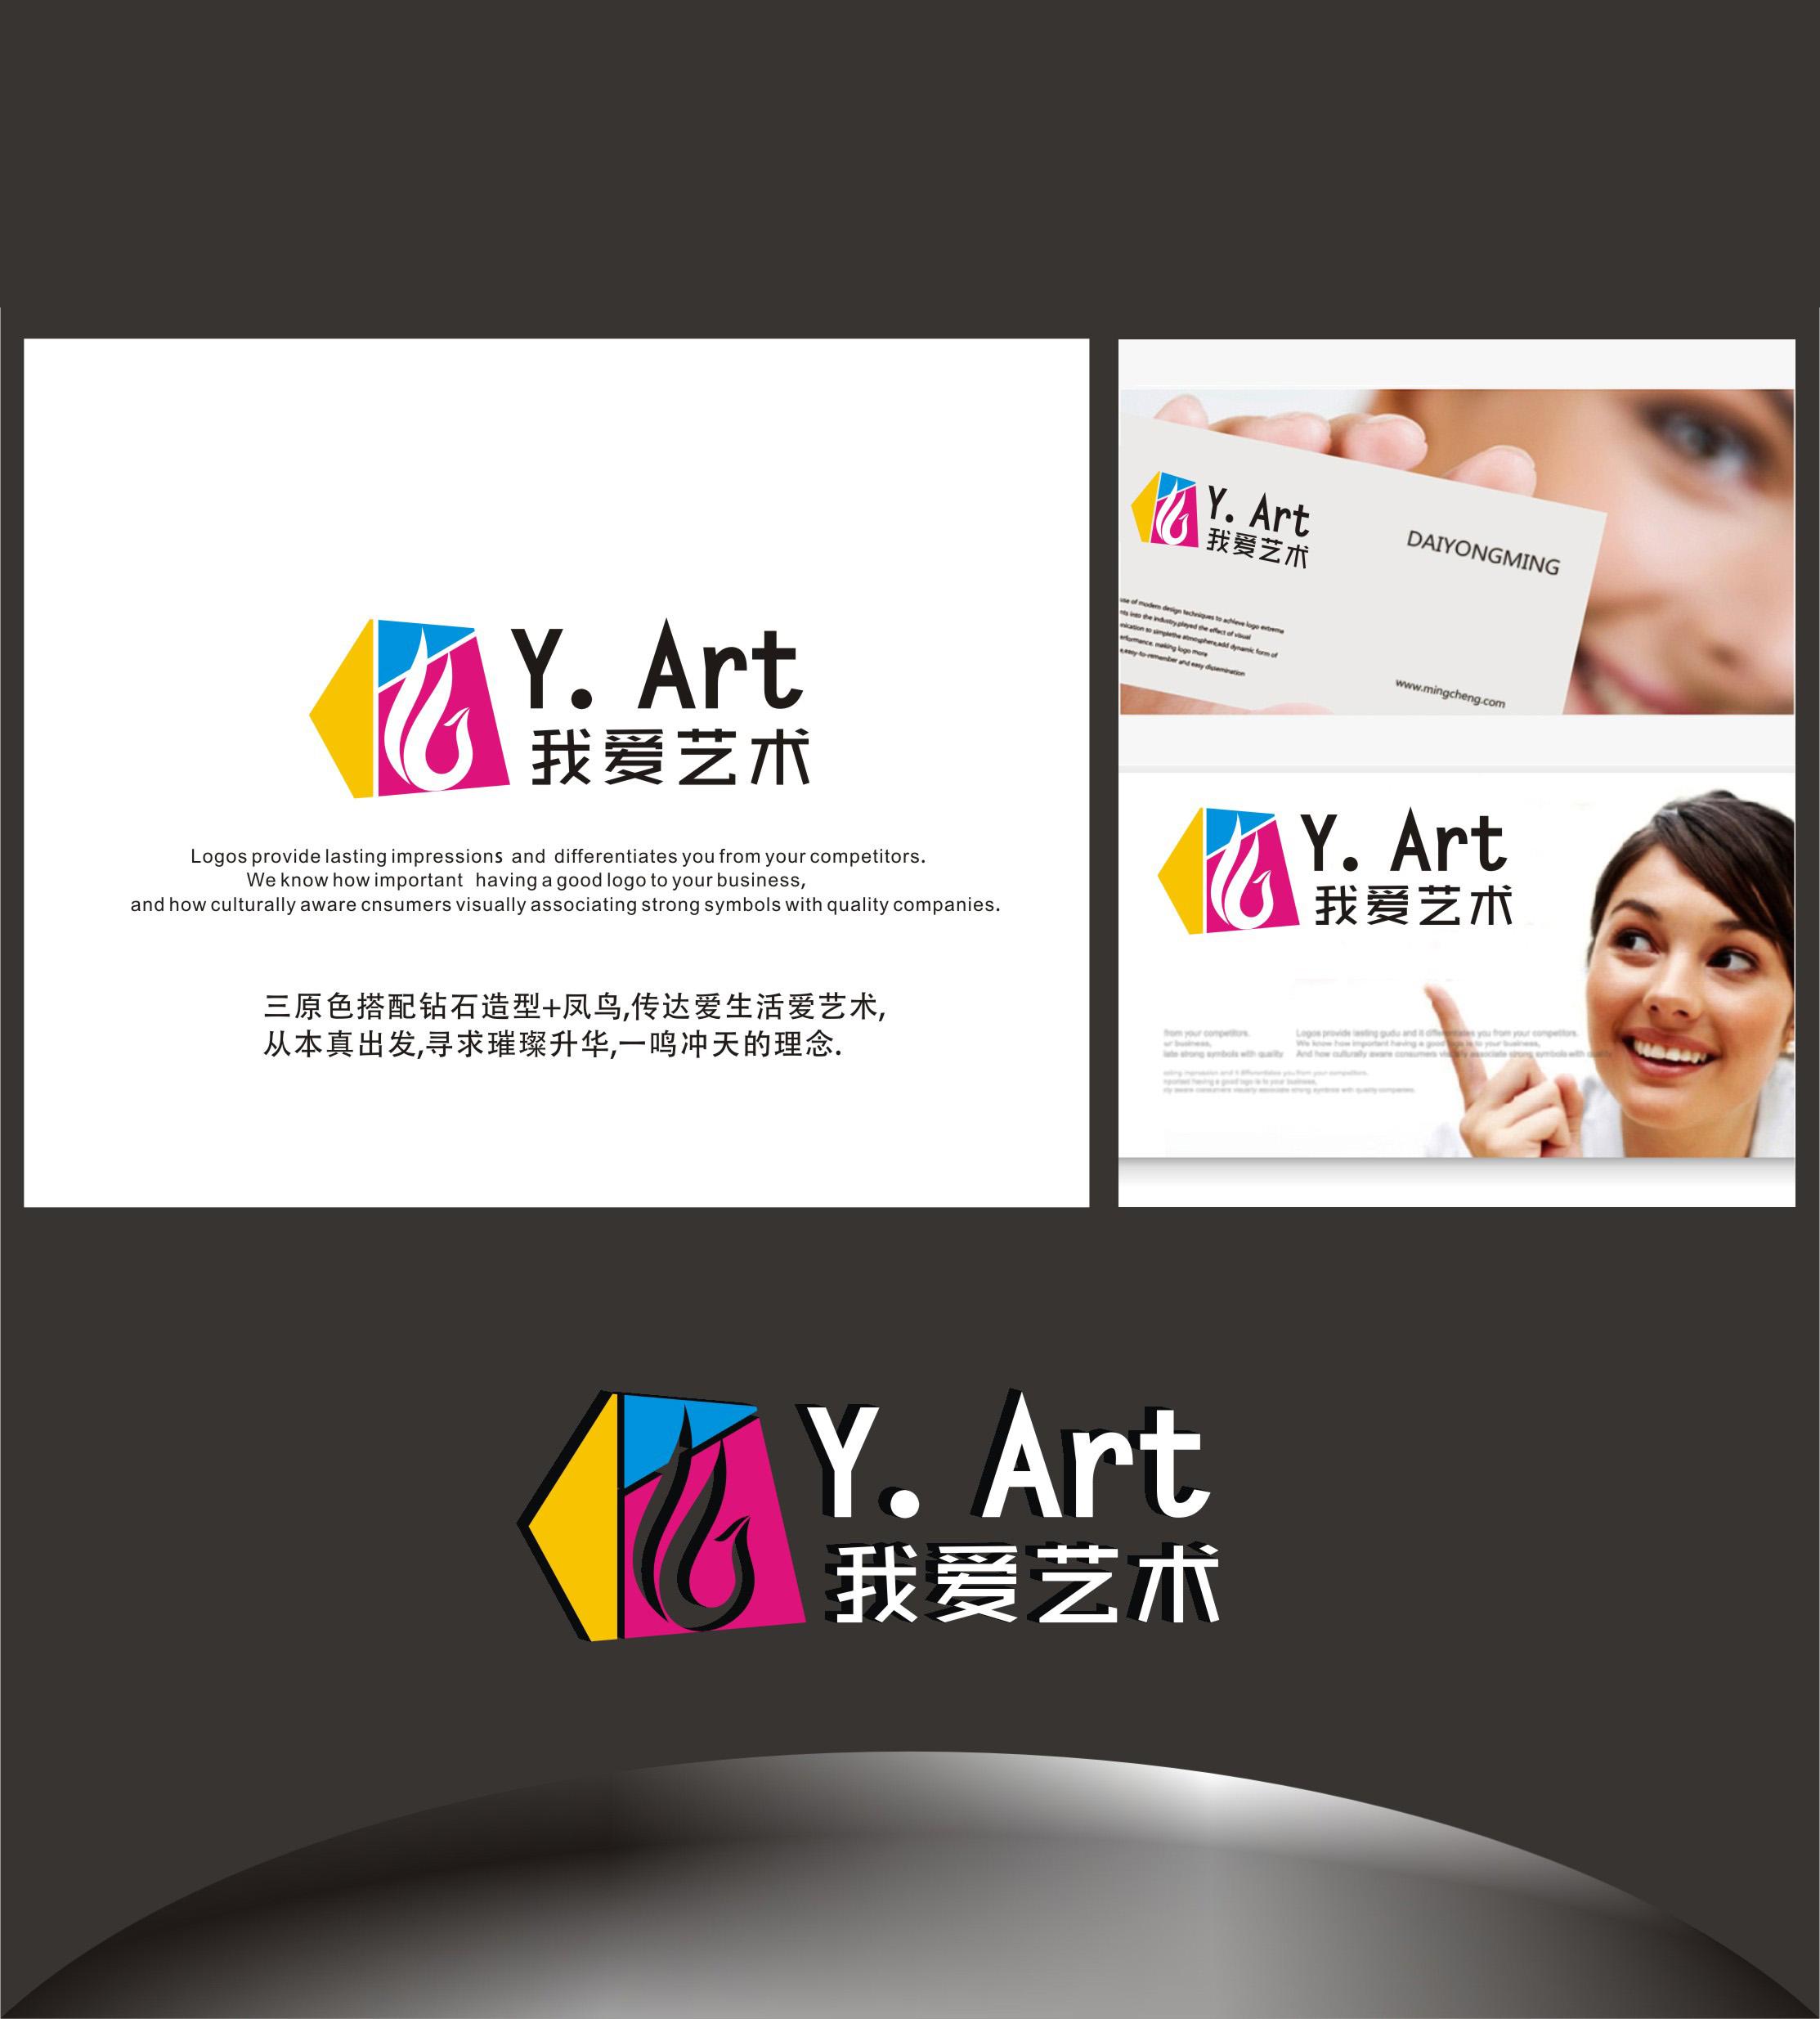 艺术教育培训机构logo设计